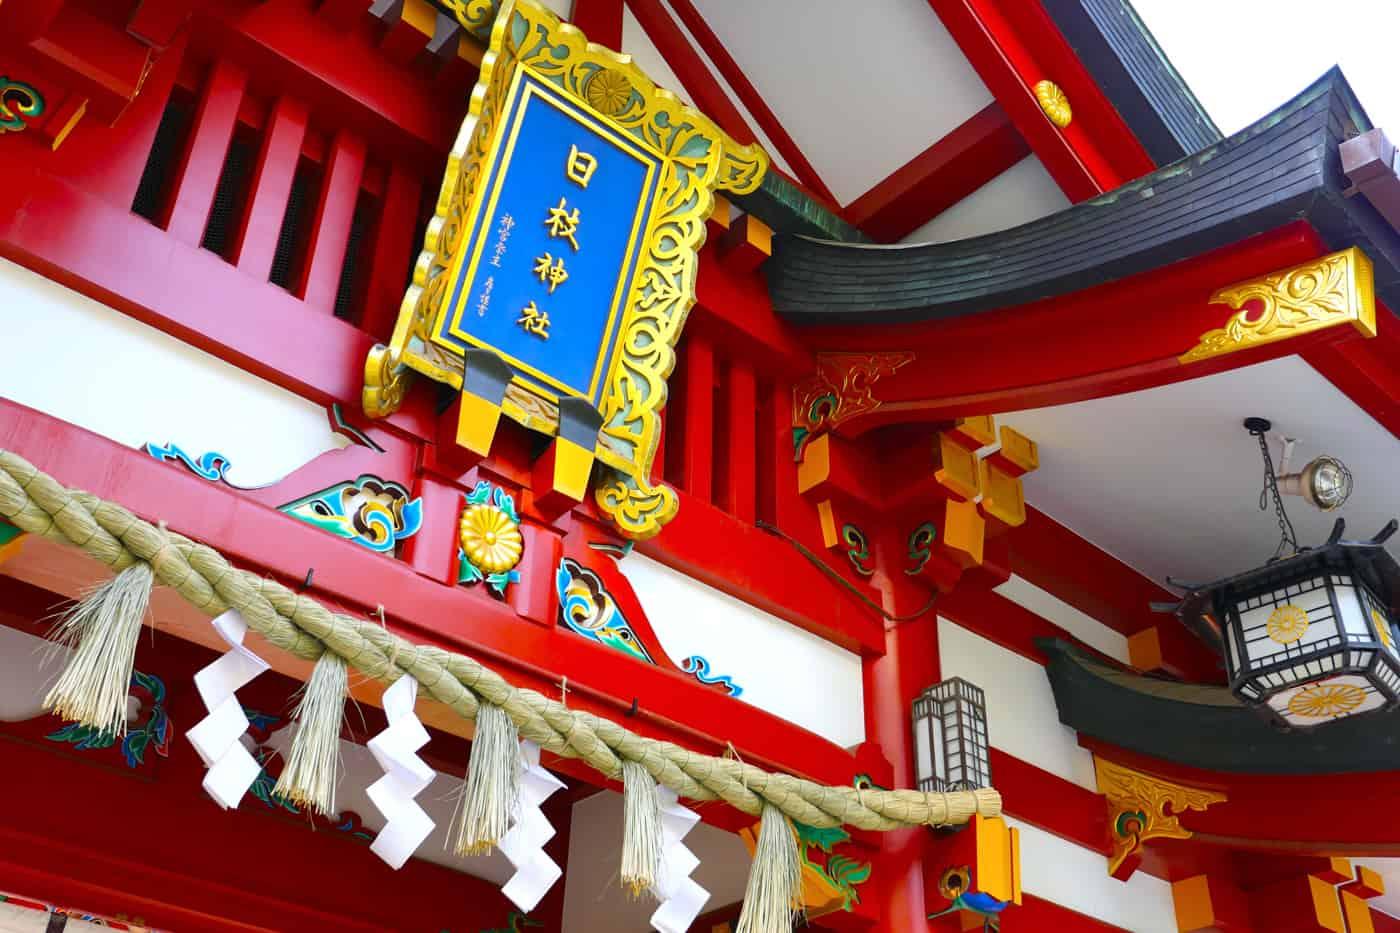 วัด ศาลเจ้าฮิเอะ (Hie Shrine) ขอผู้ ขอพรความรัก โตเกียว